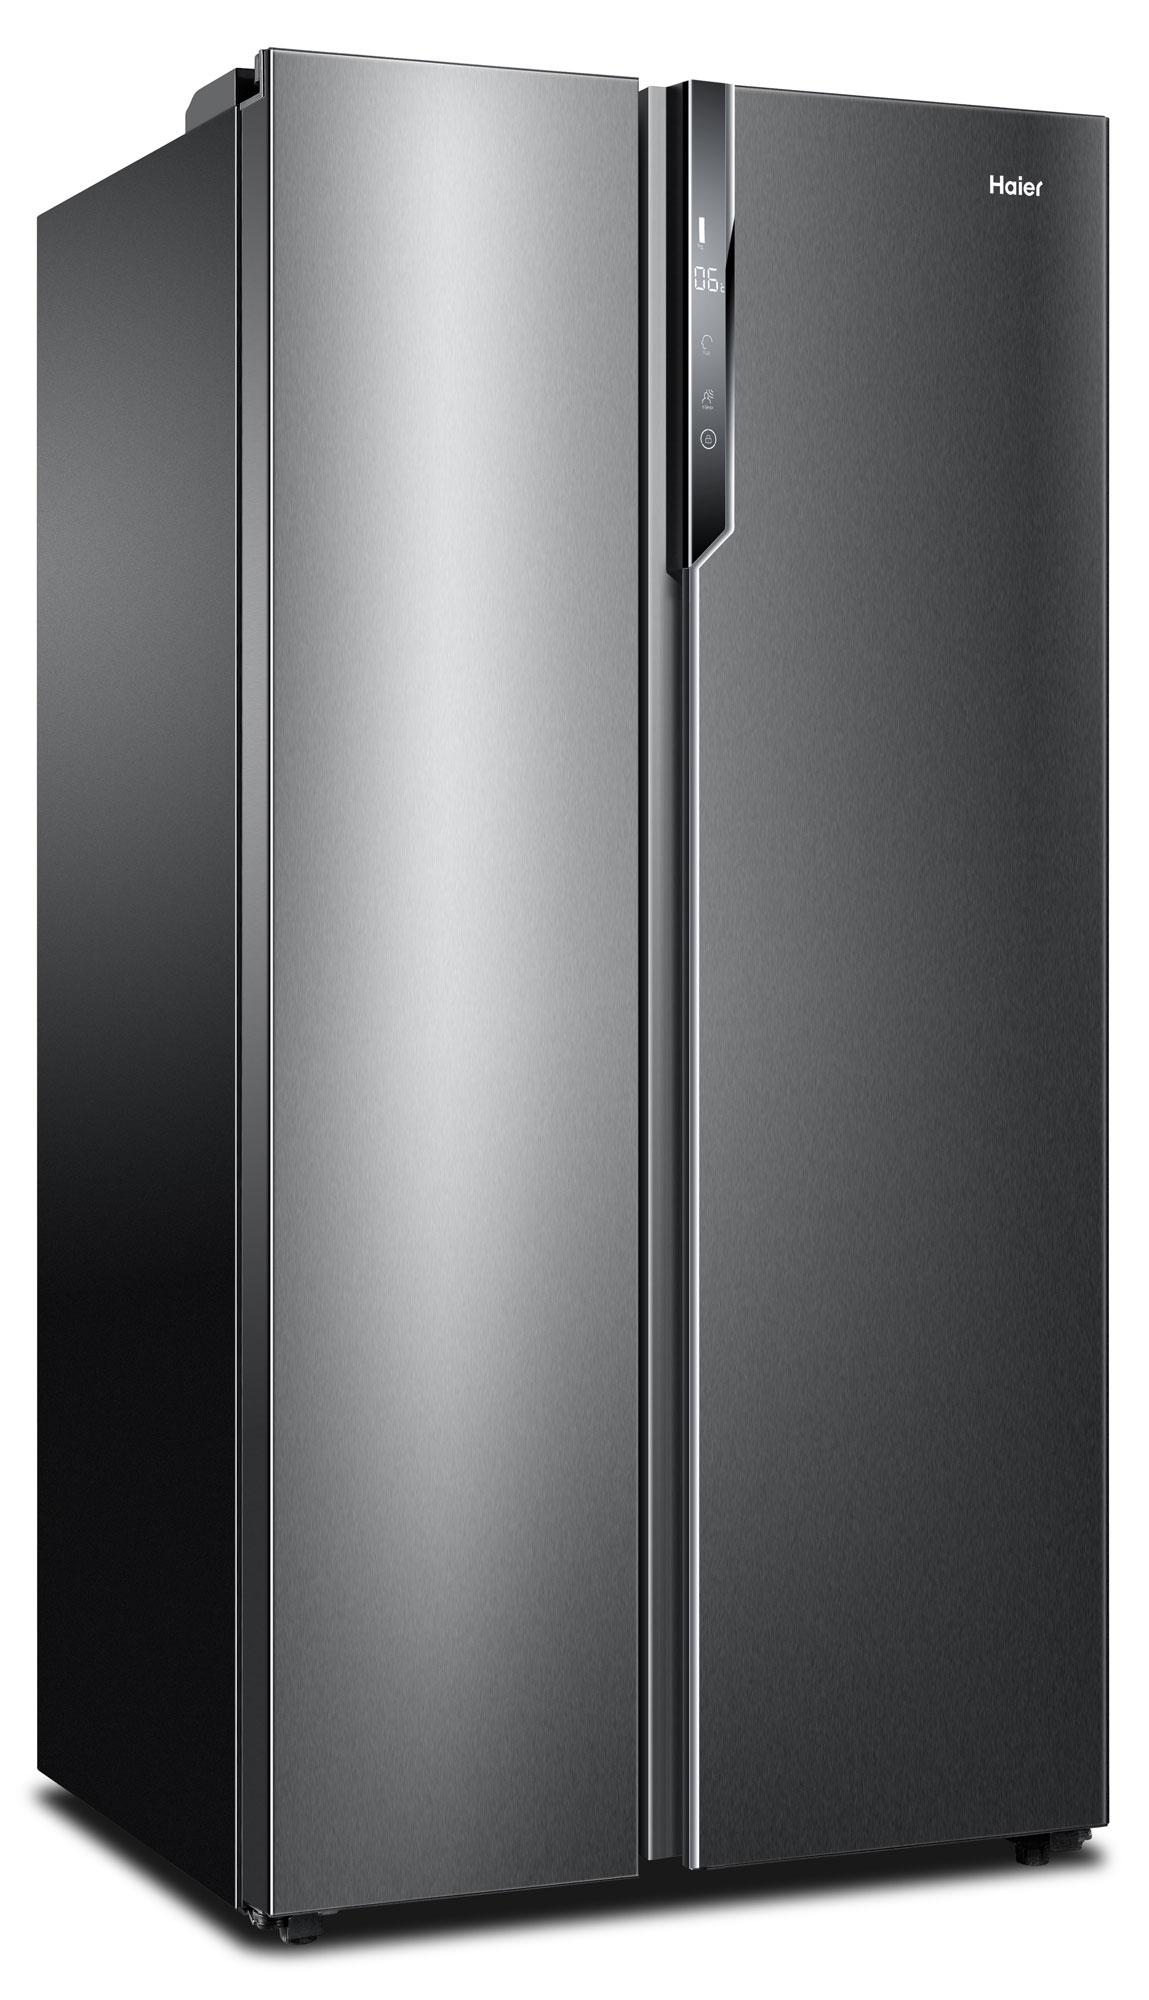 Haier presenta sus nuevos frigor ficos americanos con capacidades de almacenamiento nicas - Frigorificos de diseno ...